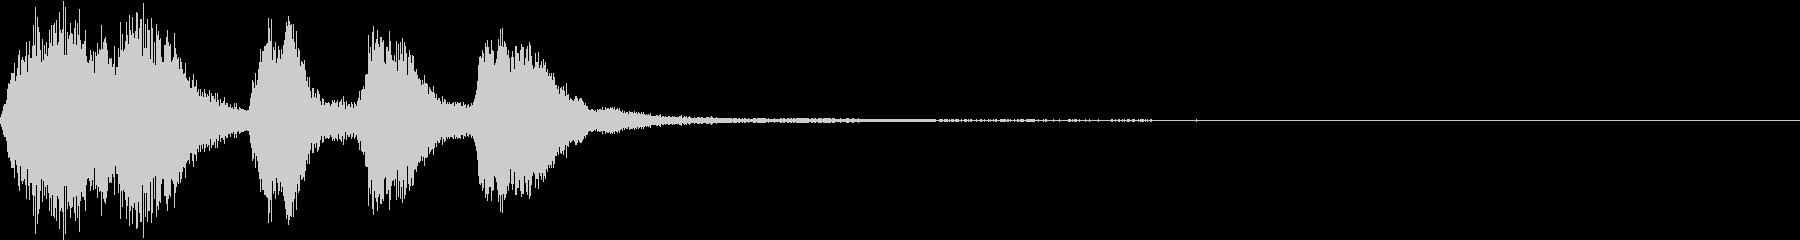 ファンファーレ ゲット シンプル 9の未再生の波形